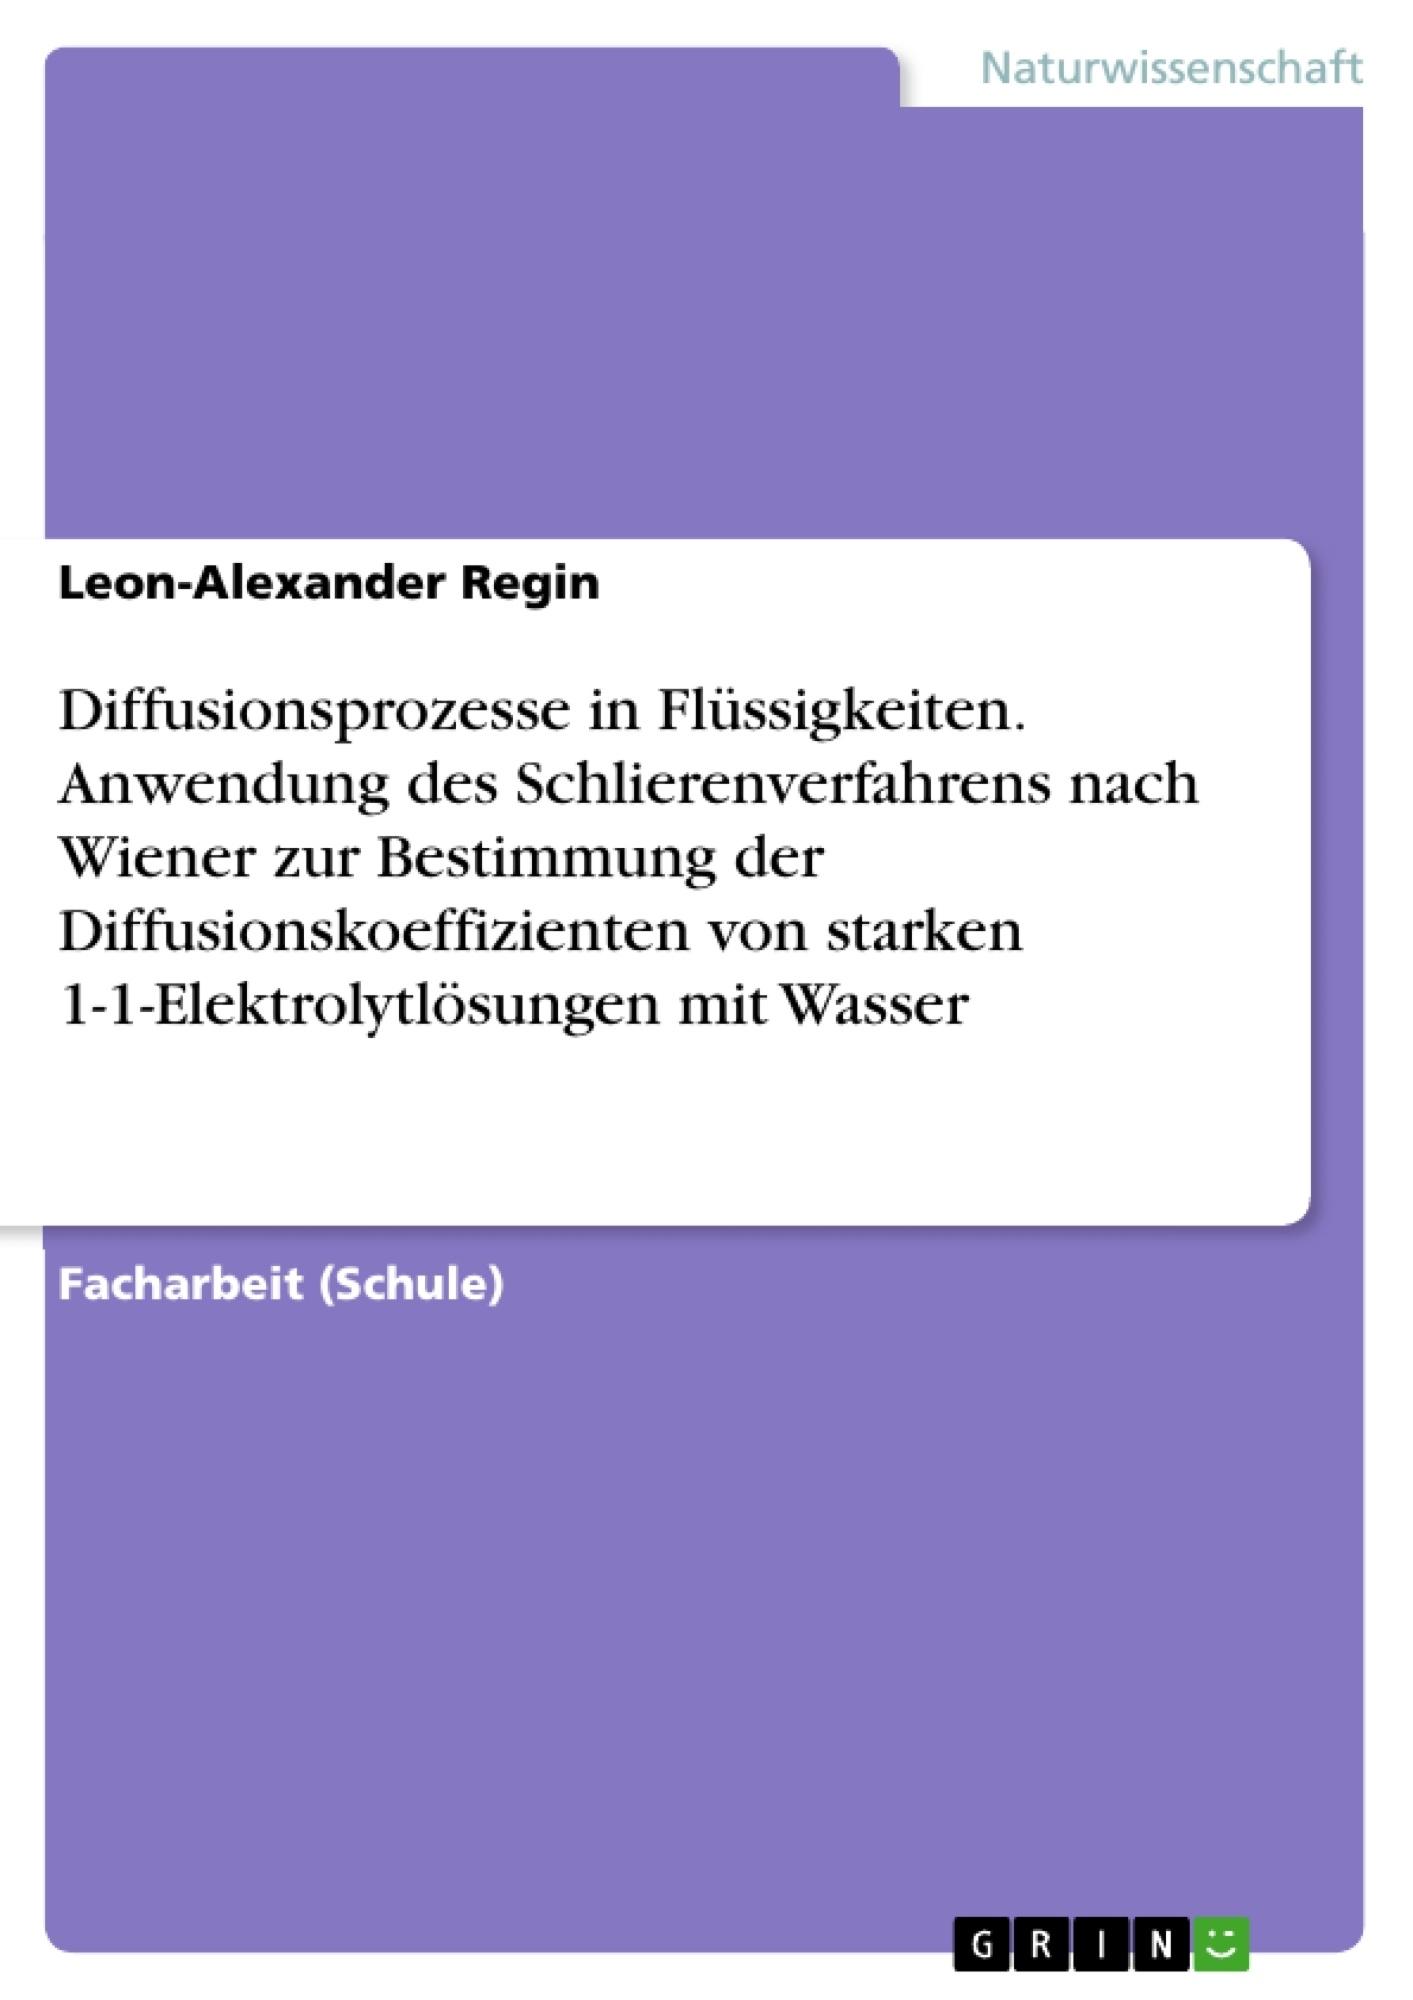 Titel: Diffusionsprozesse in Flüssigkeiten. Anwendung des Schlierenverfahrens nach Wiener zur Bestimmung der Diffusionskoeffizienten von starken 1-1-Elektrolytlösungen mit Wasser